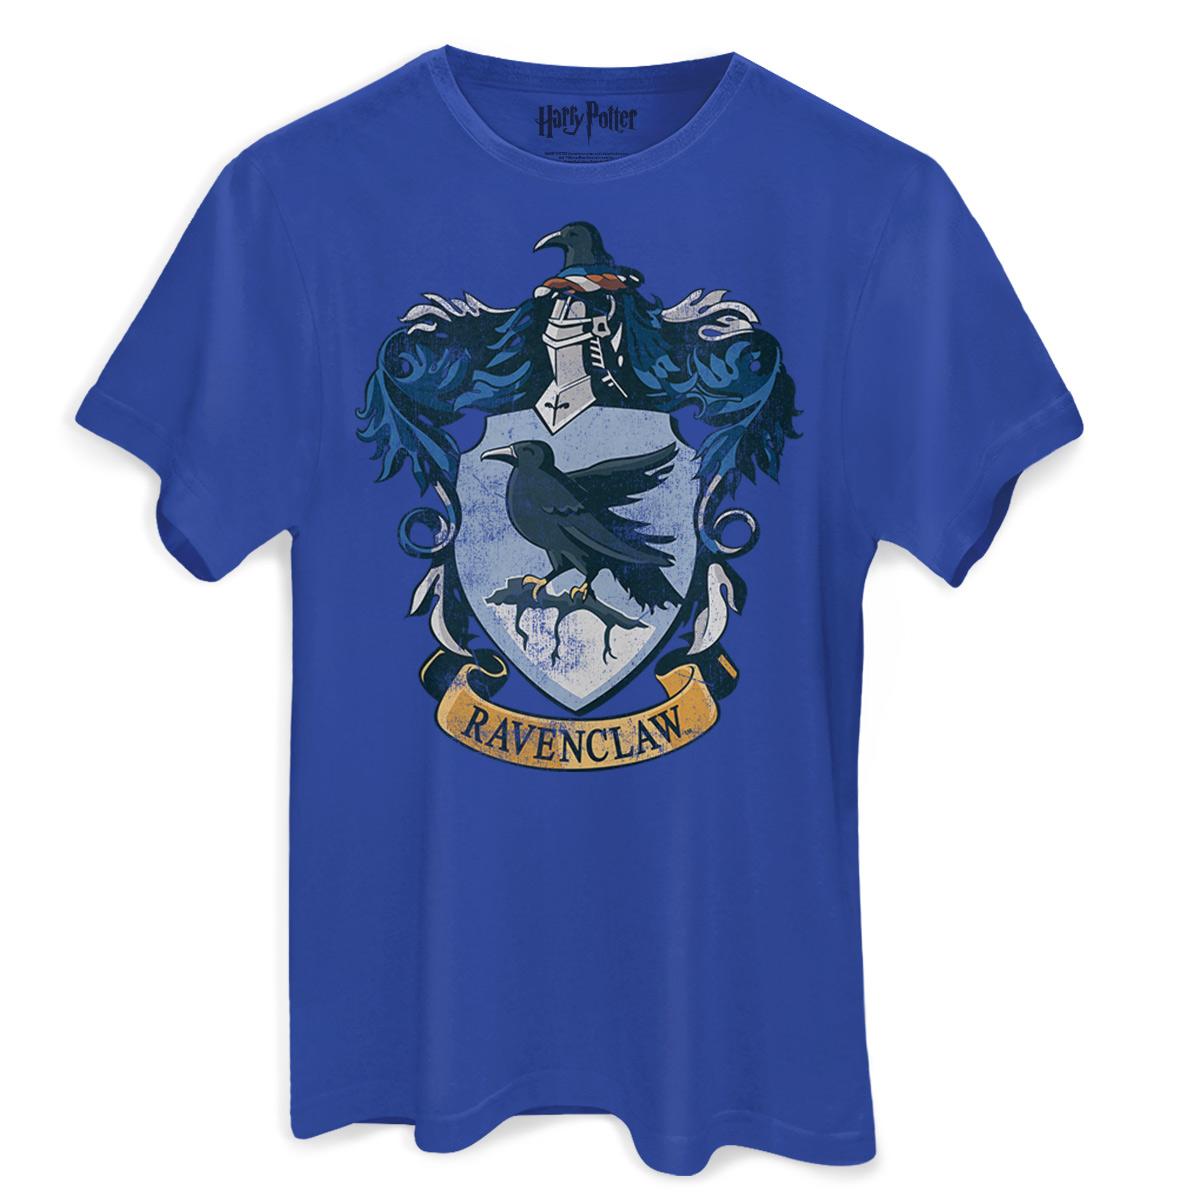 Camiseta Masculina Harry Potter Ravenclaw  - bandUP Store Marketplace